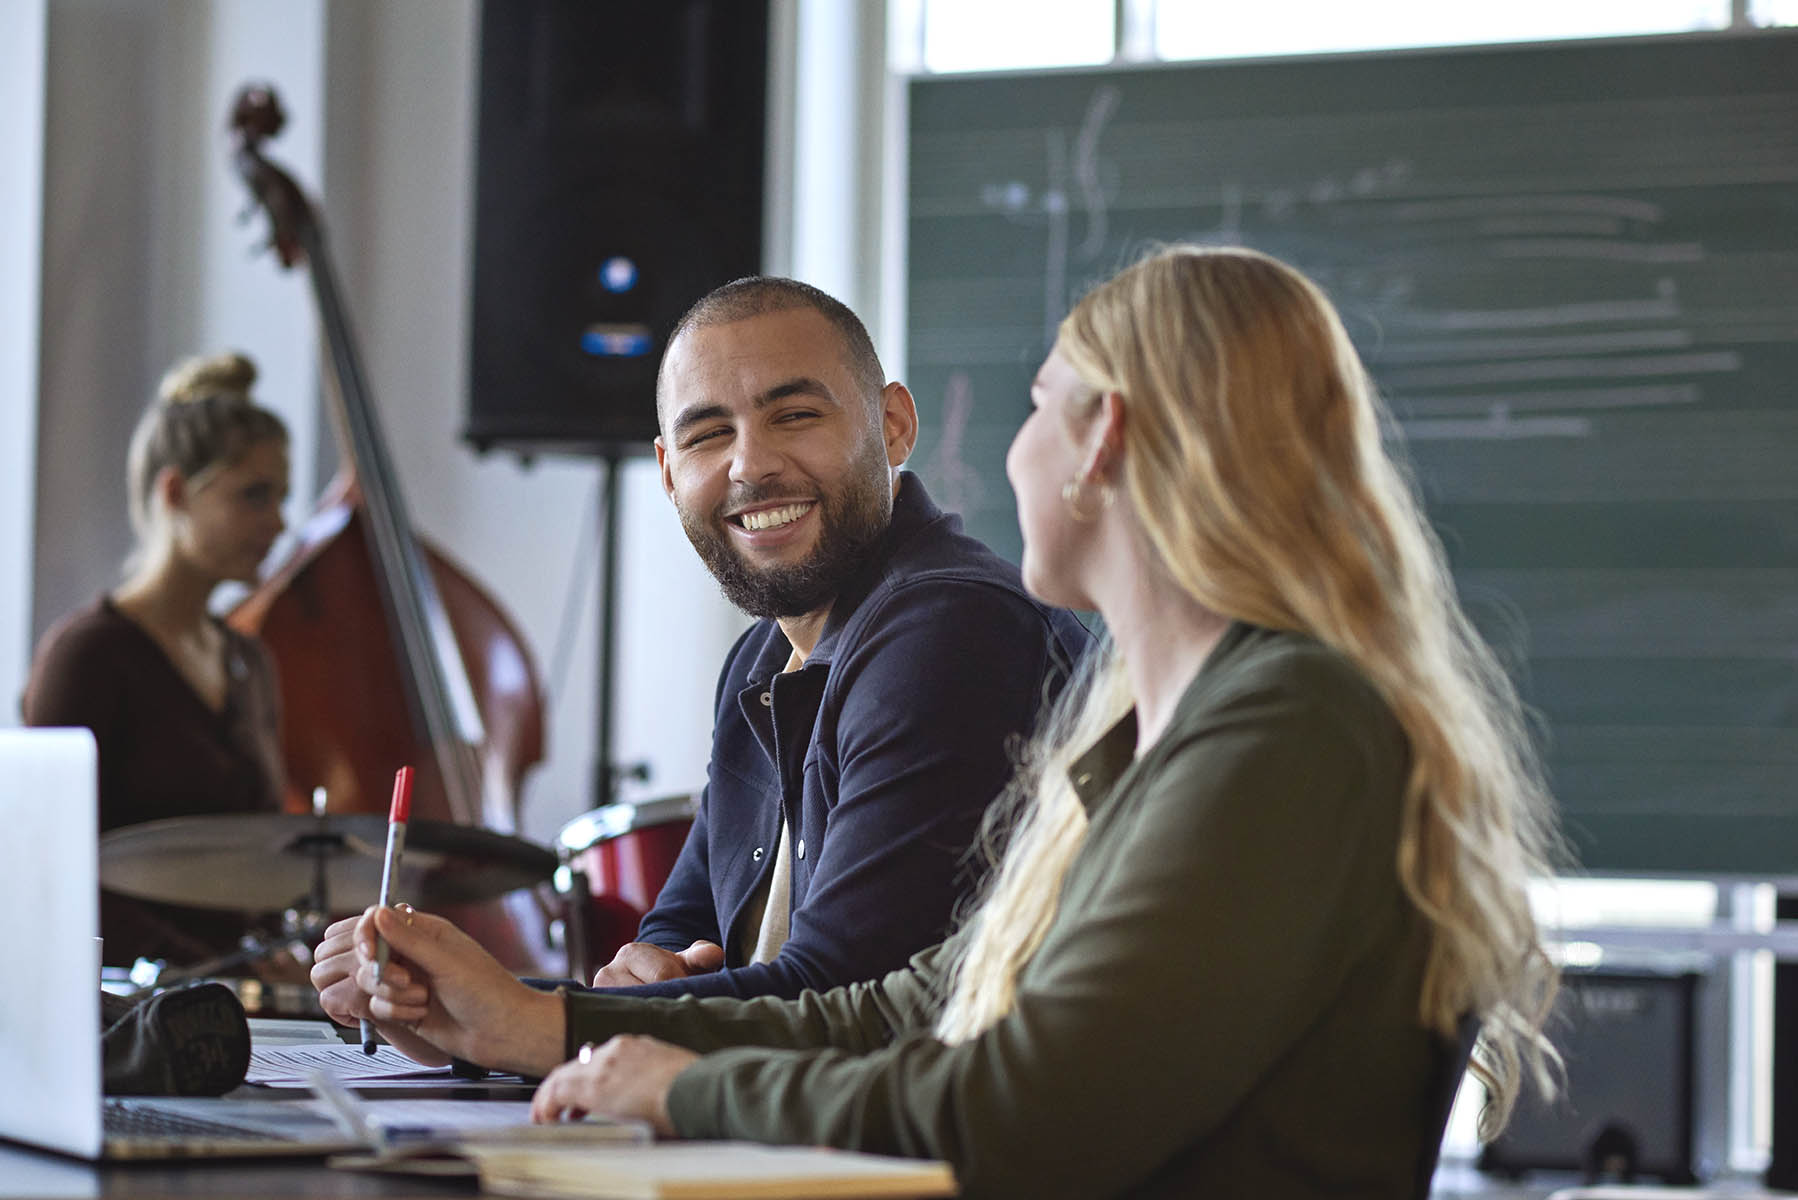 En mandlig og kvindelig lærerstuderende sidder og løser gruppearbejde i et musiklokale